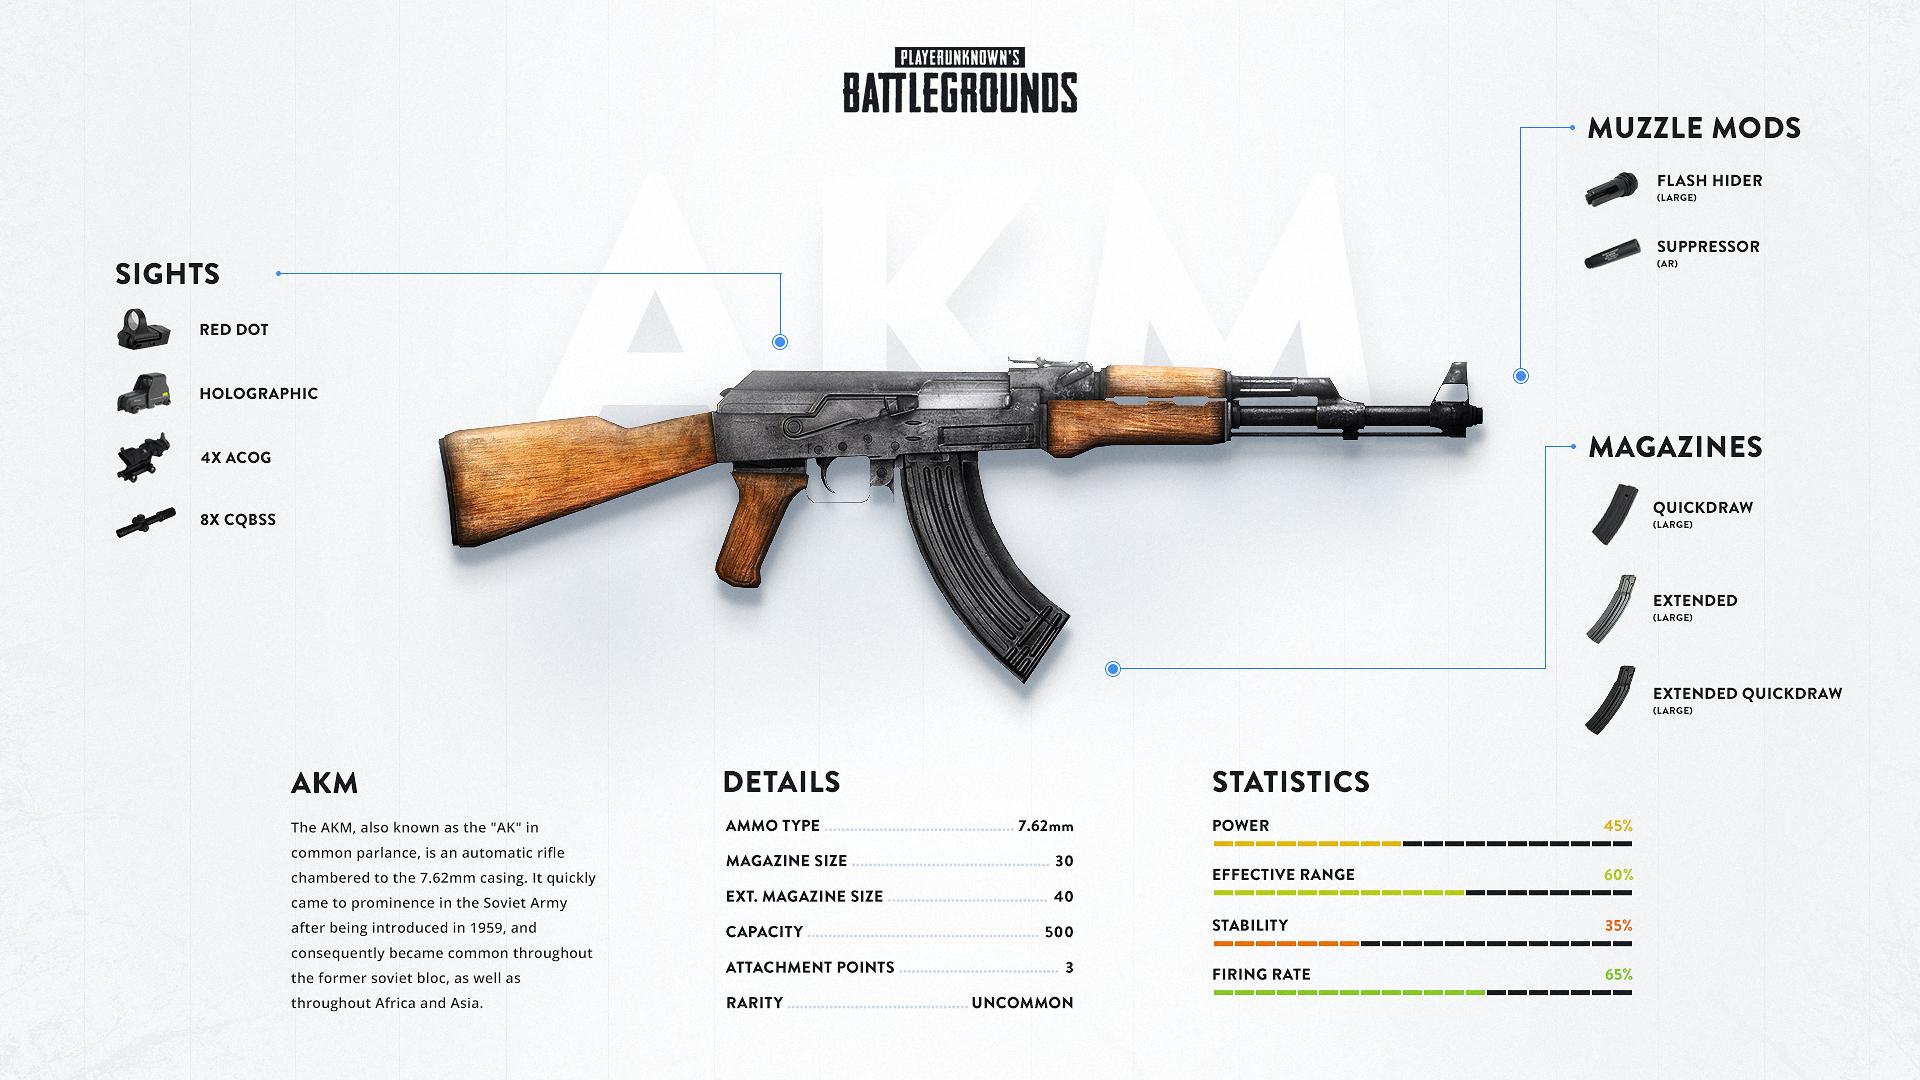 Hướng dẫn chơi PUBG cơ bản – Phần 3: Các loại vũ khí và trang bị